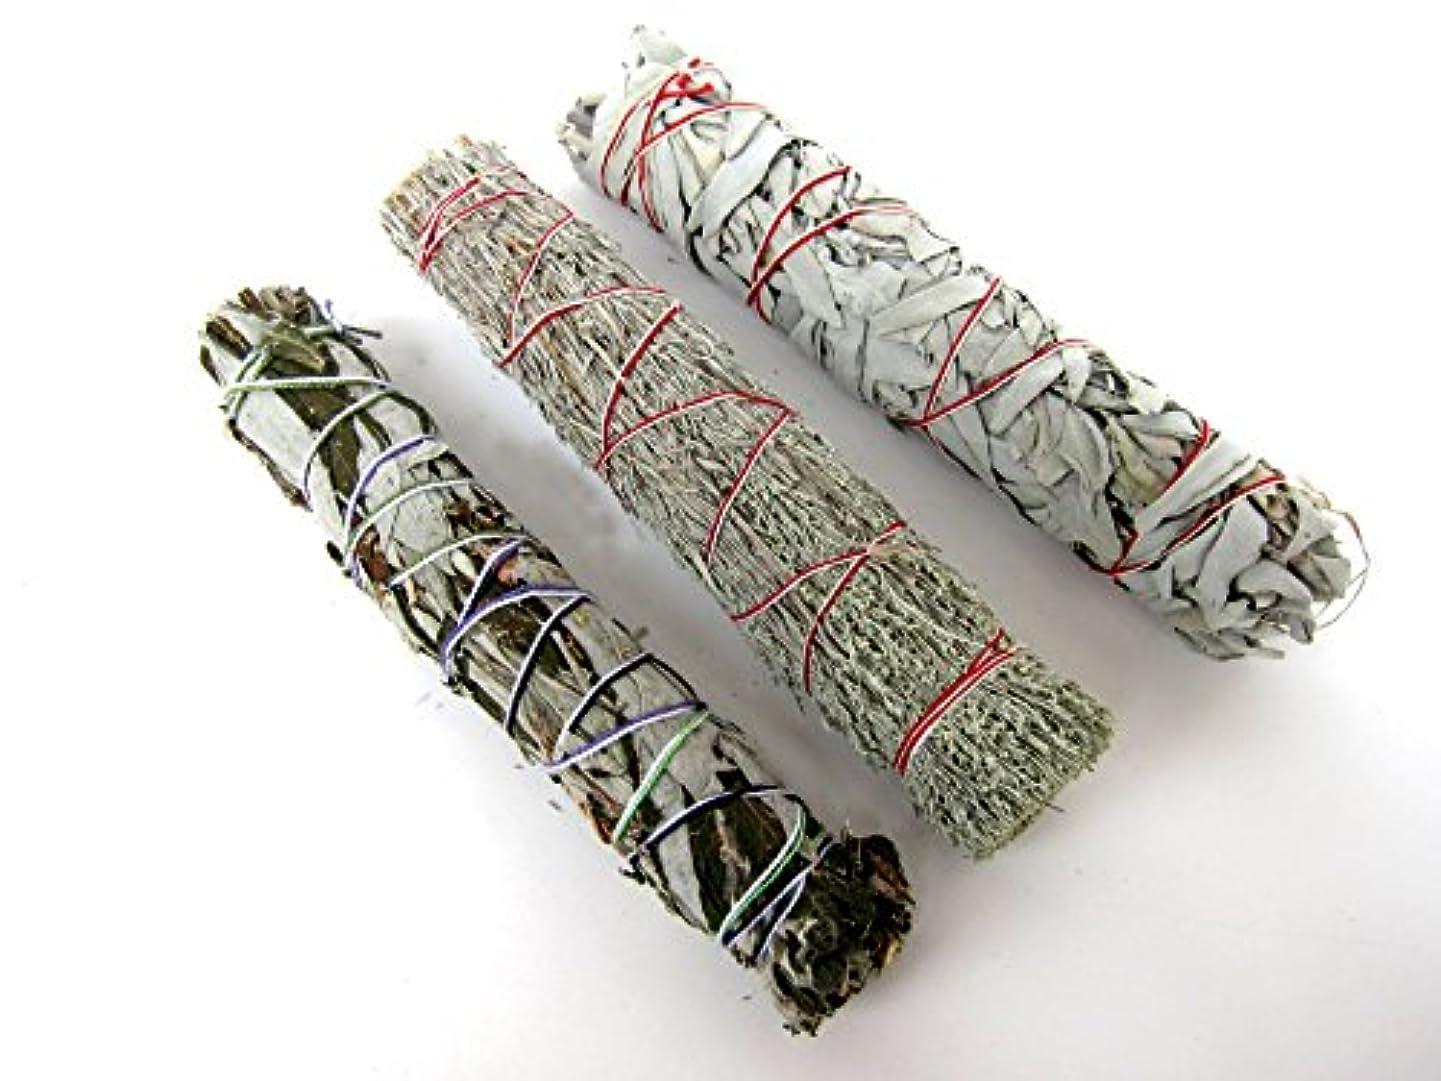 鎮痛剤平等病気セージSmudge Sticks Bundle of 3 SticksサンプラーセットLarge 8 – 9インチ